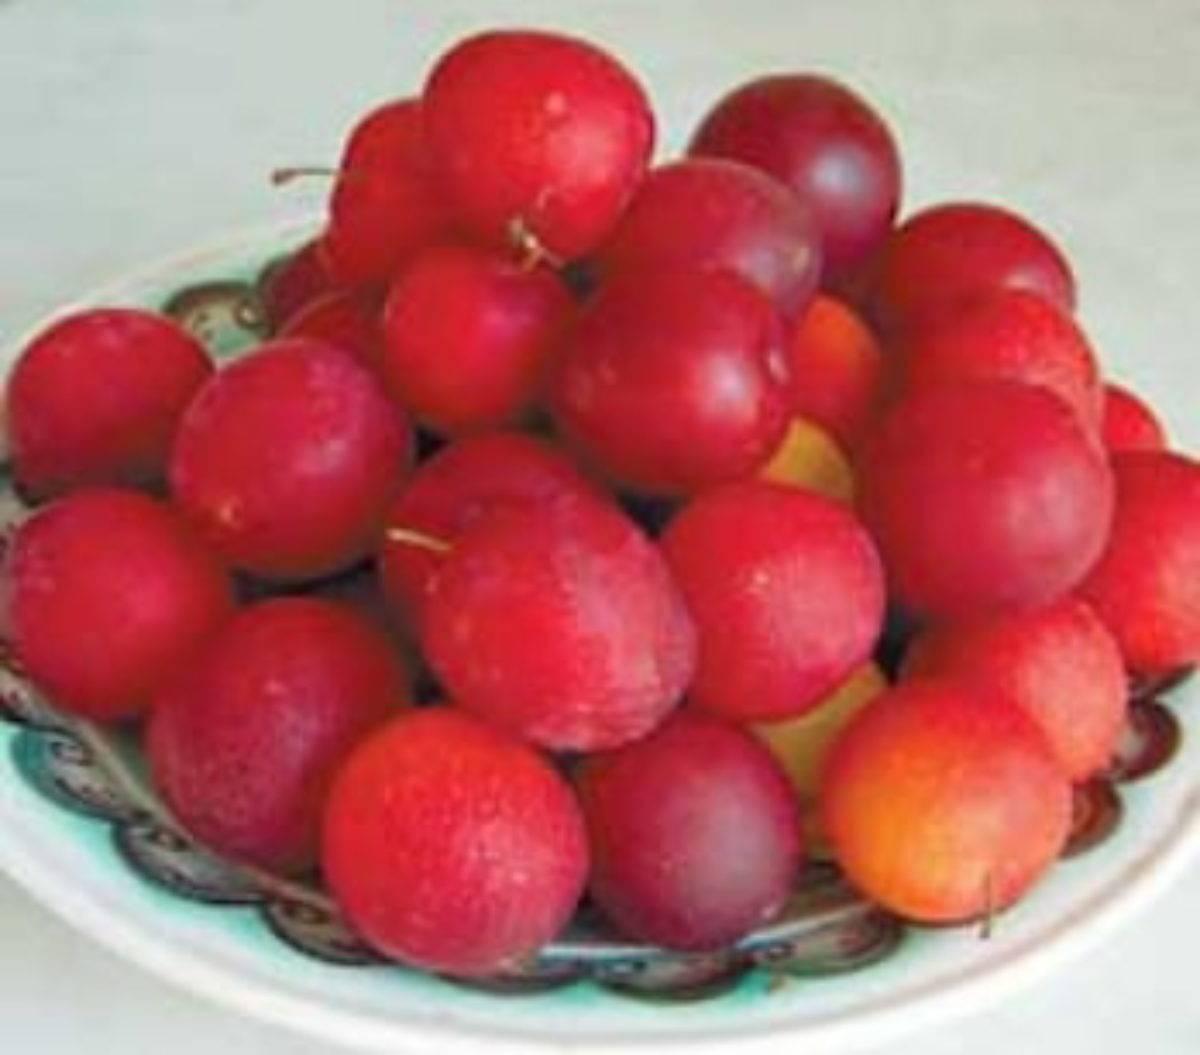 Алыча скороплодная — описание сорта, фото и отзывы садоводов